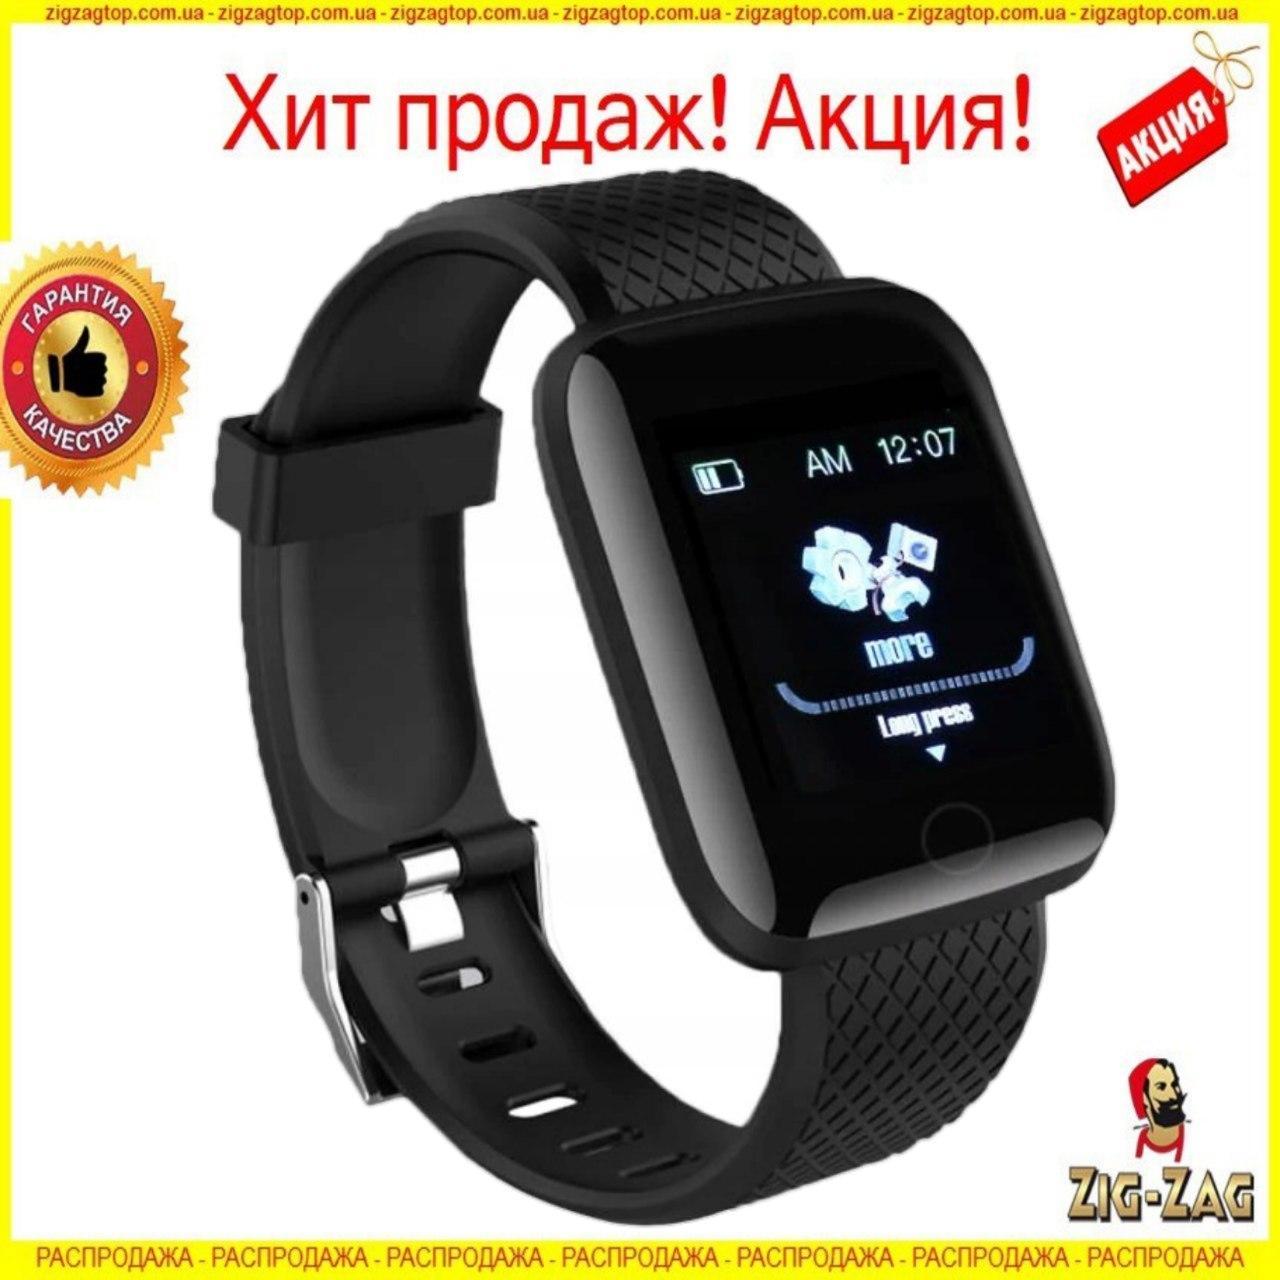 Спортивні годинник Smart Watch 116 Plus Смарт Гаджет для Андроїд Розумні ДЗВІНКІВ Телефон Вотч Сенсорні Для Бігу